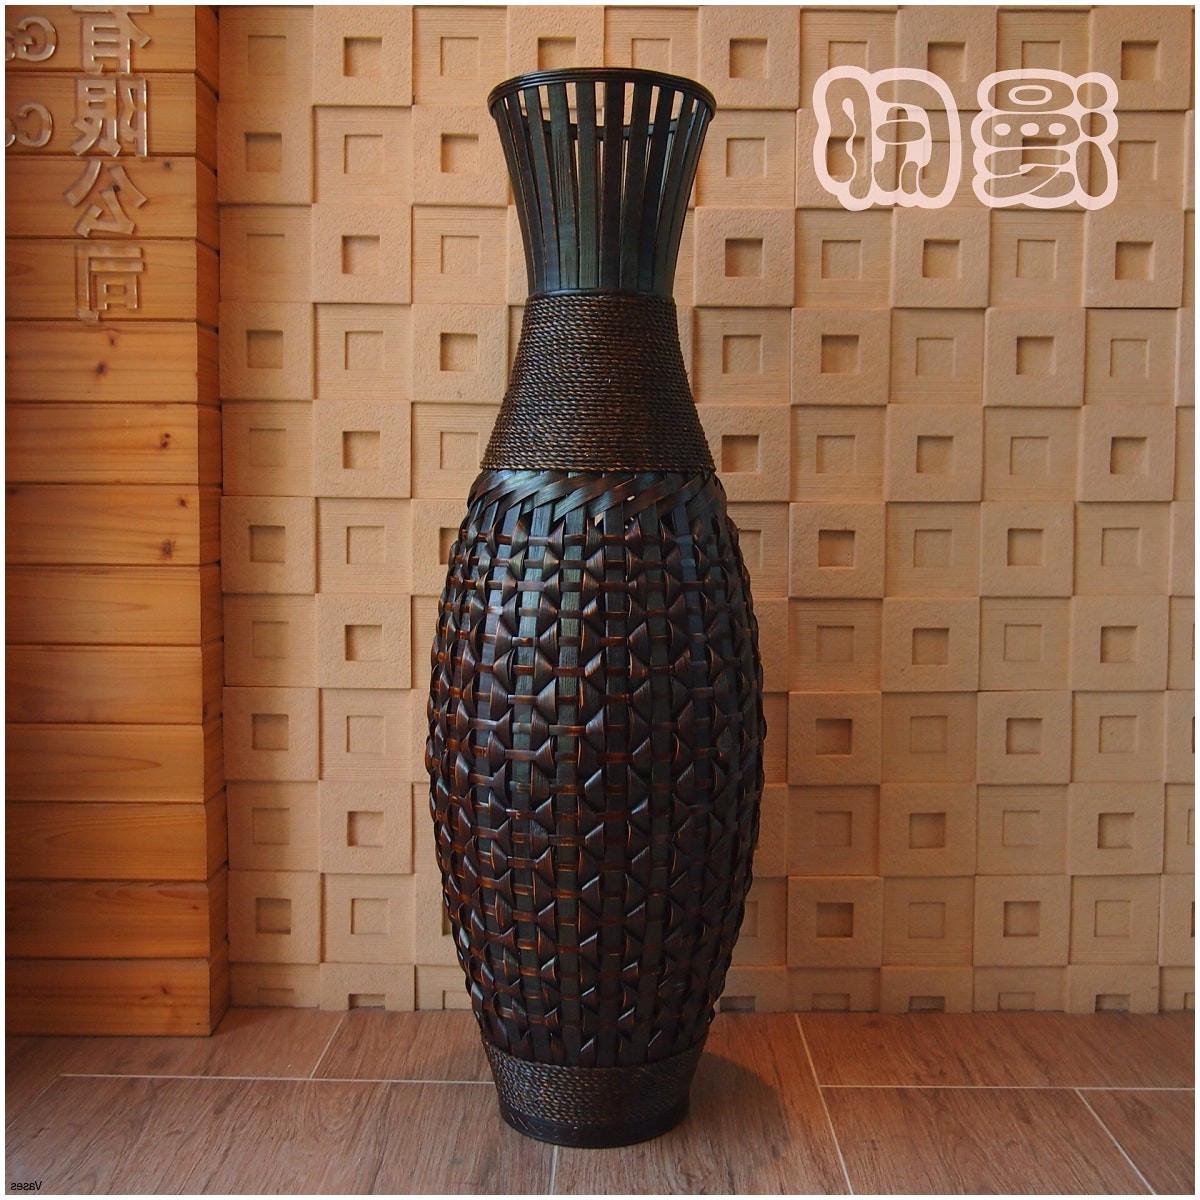 metal floor vase of 21 beau decorative vases anciendemutu org within mesmerizing wicker floor vase 107 vases uk cheap saleh sale fulli 0d